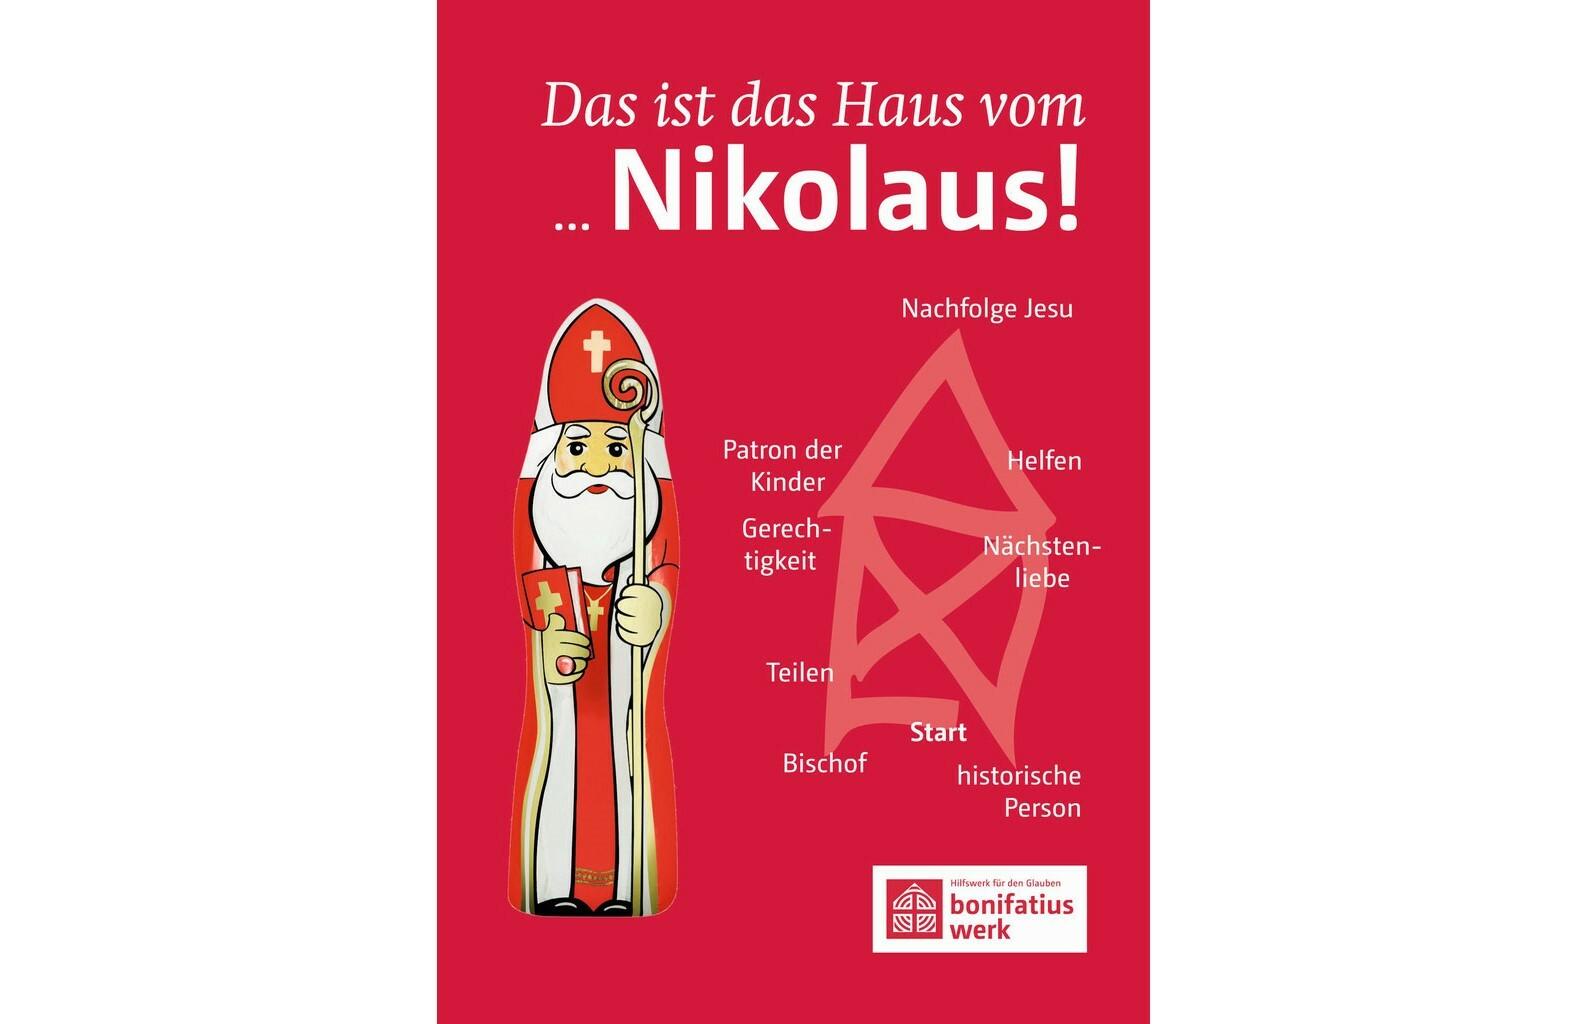 Nikolaus mit Postkarte